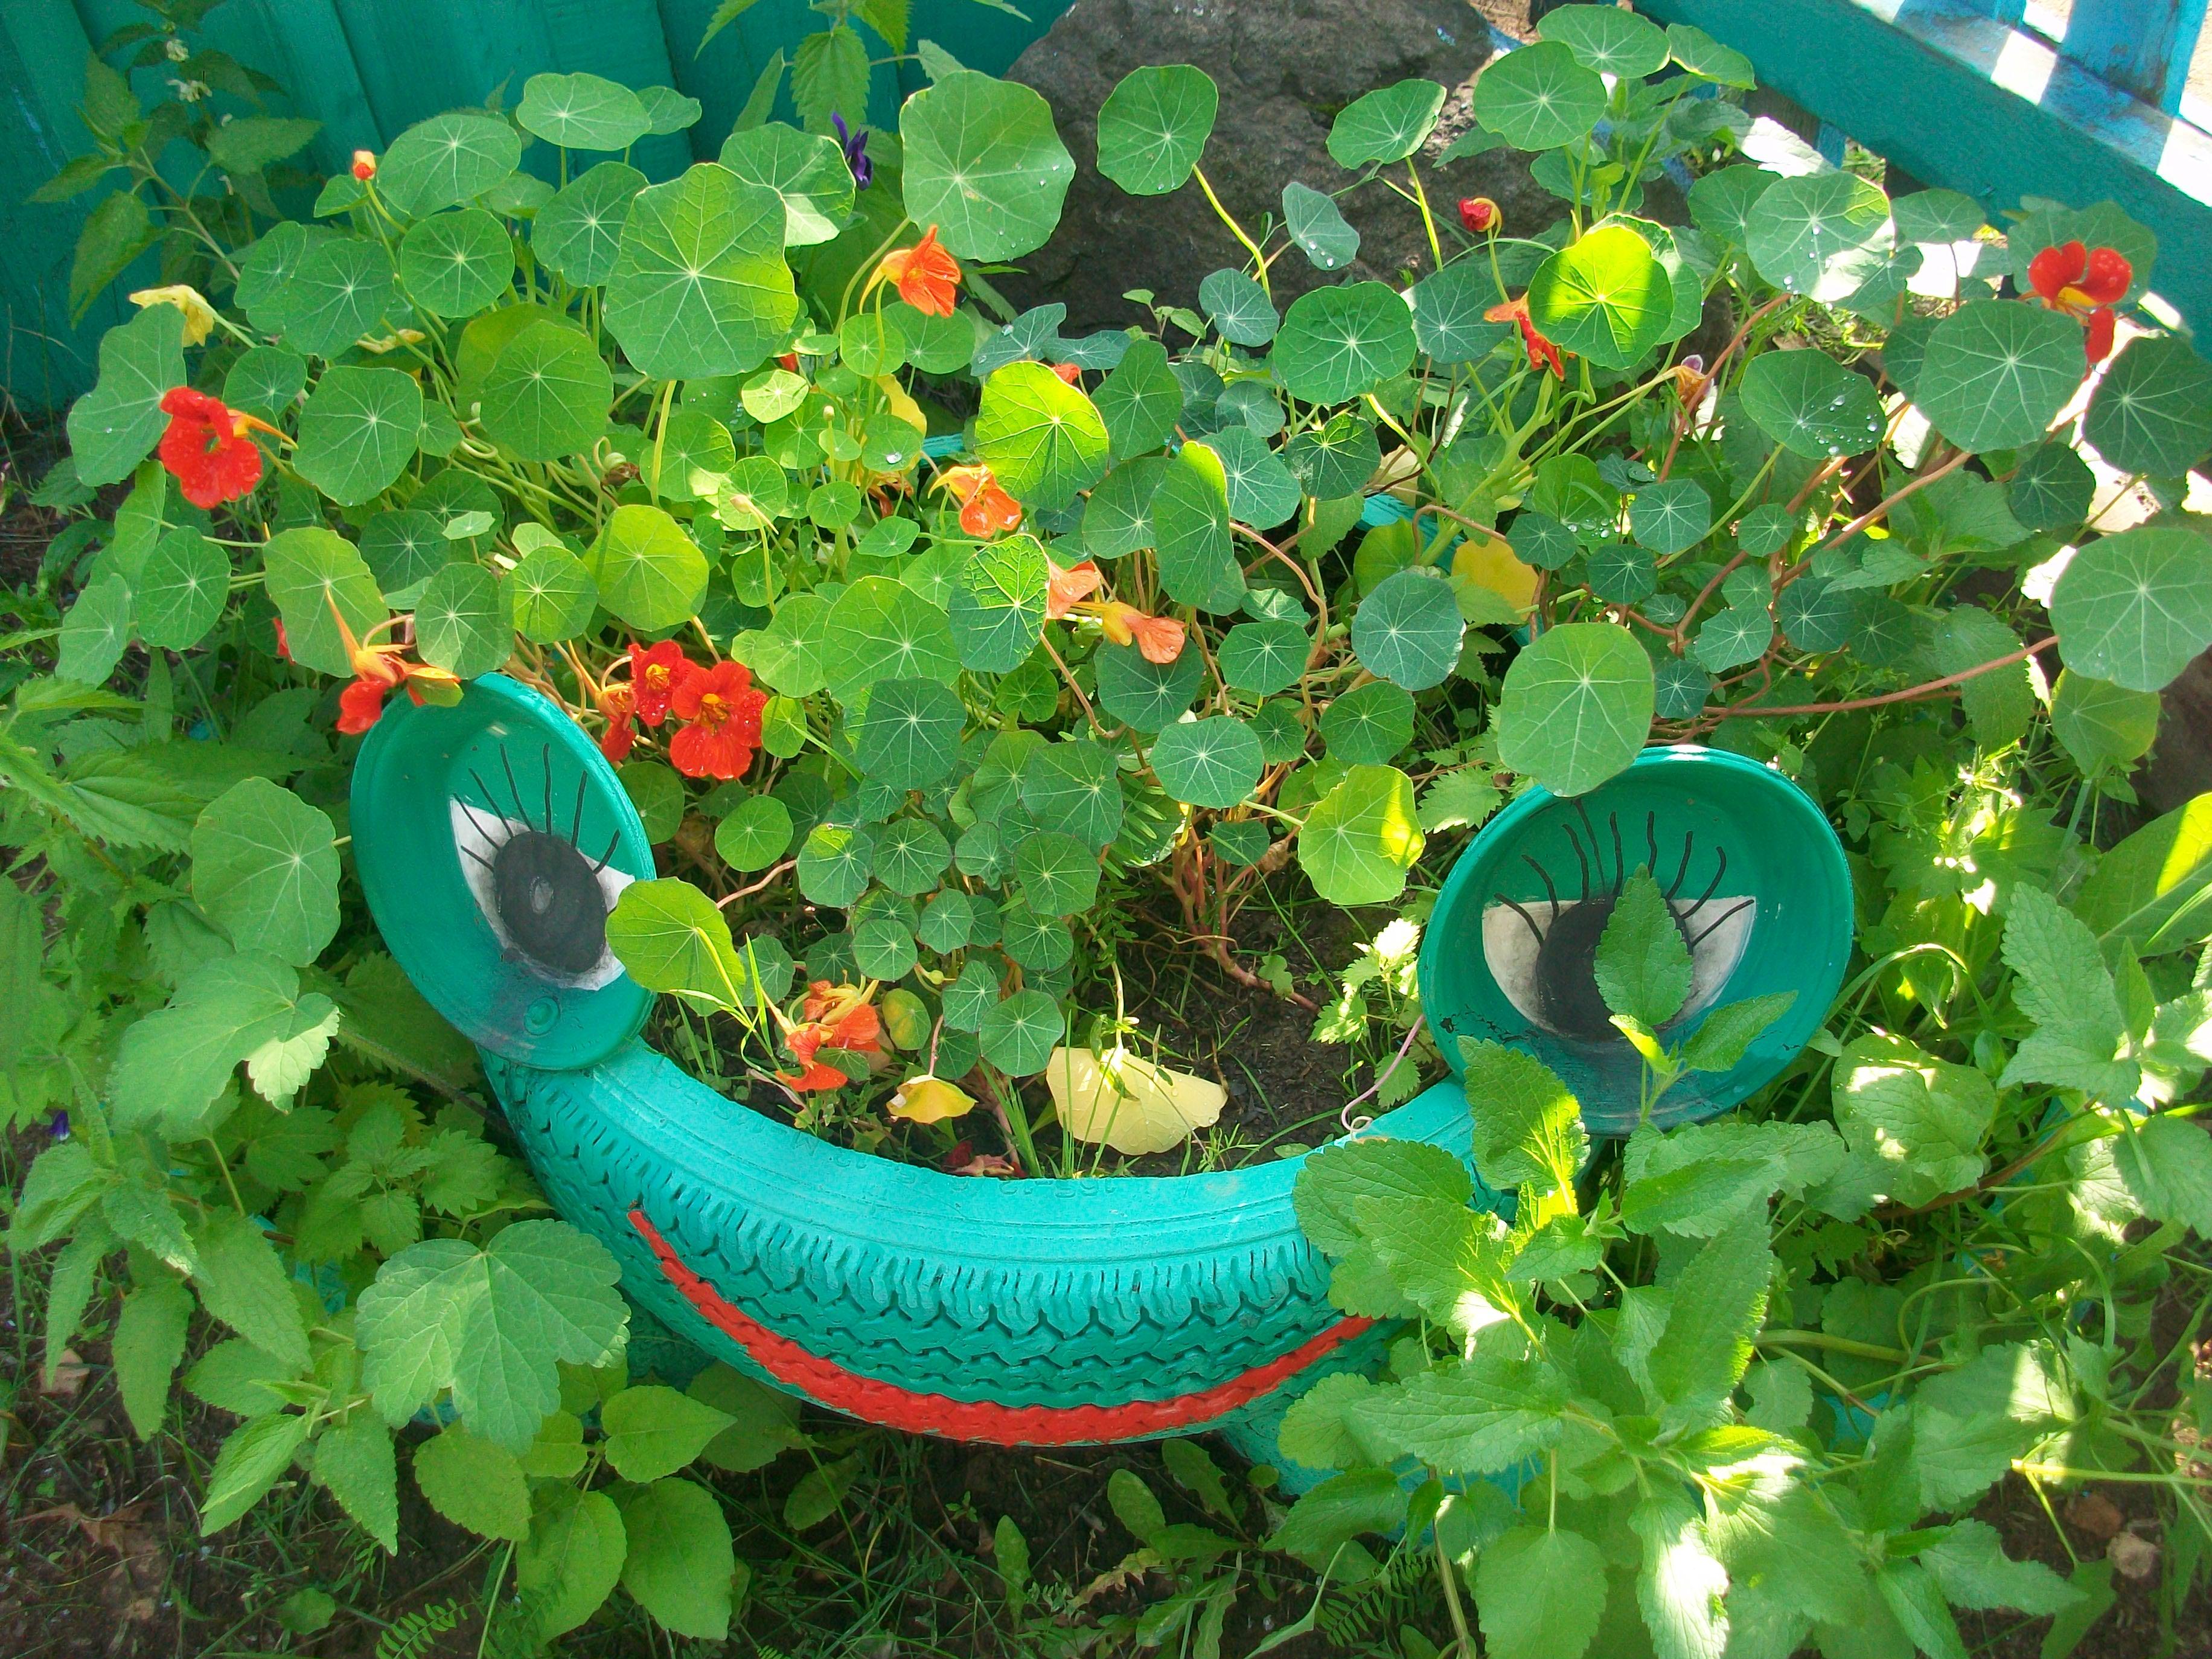 Украшения для огорода своими руками из подручных материалов фото